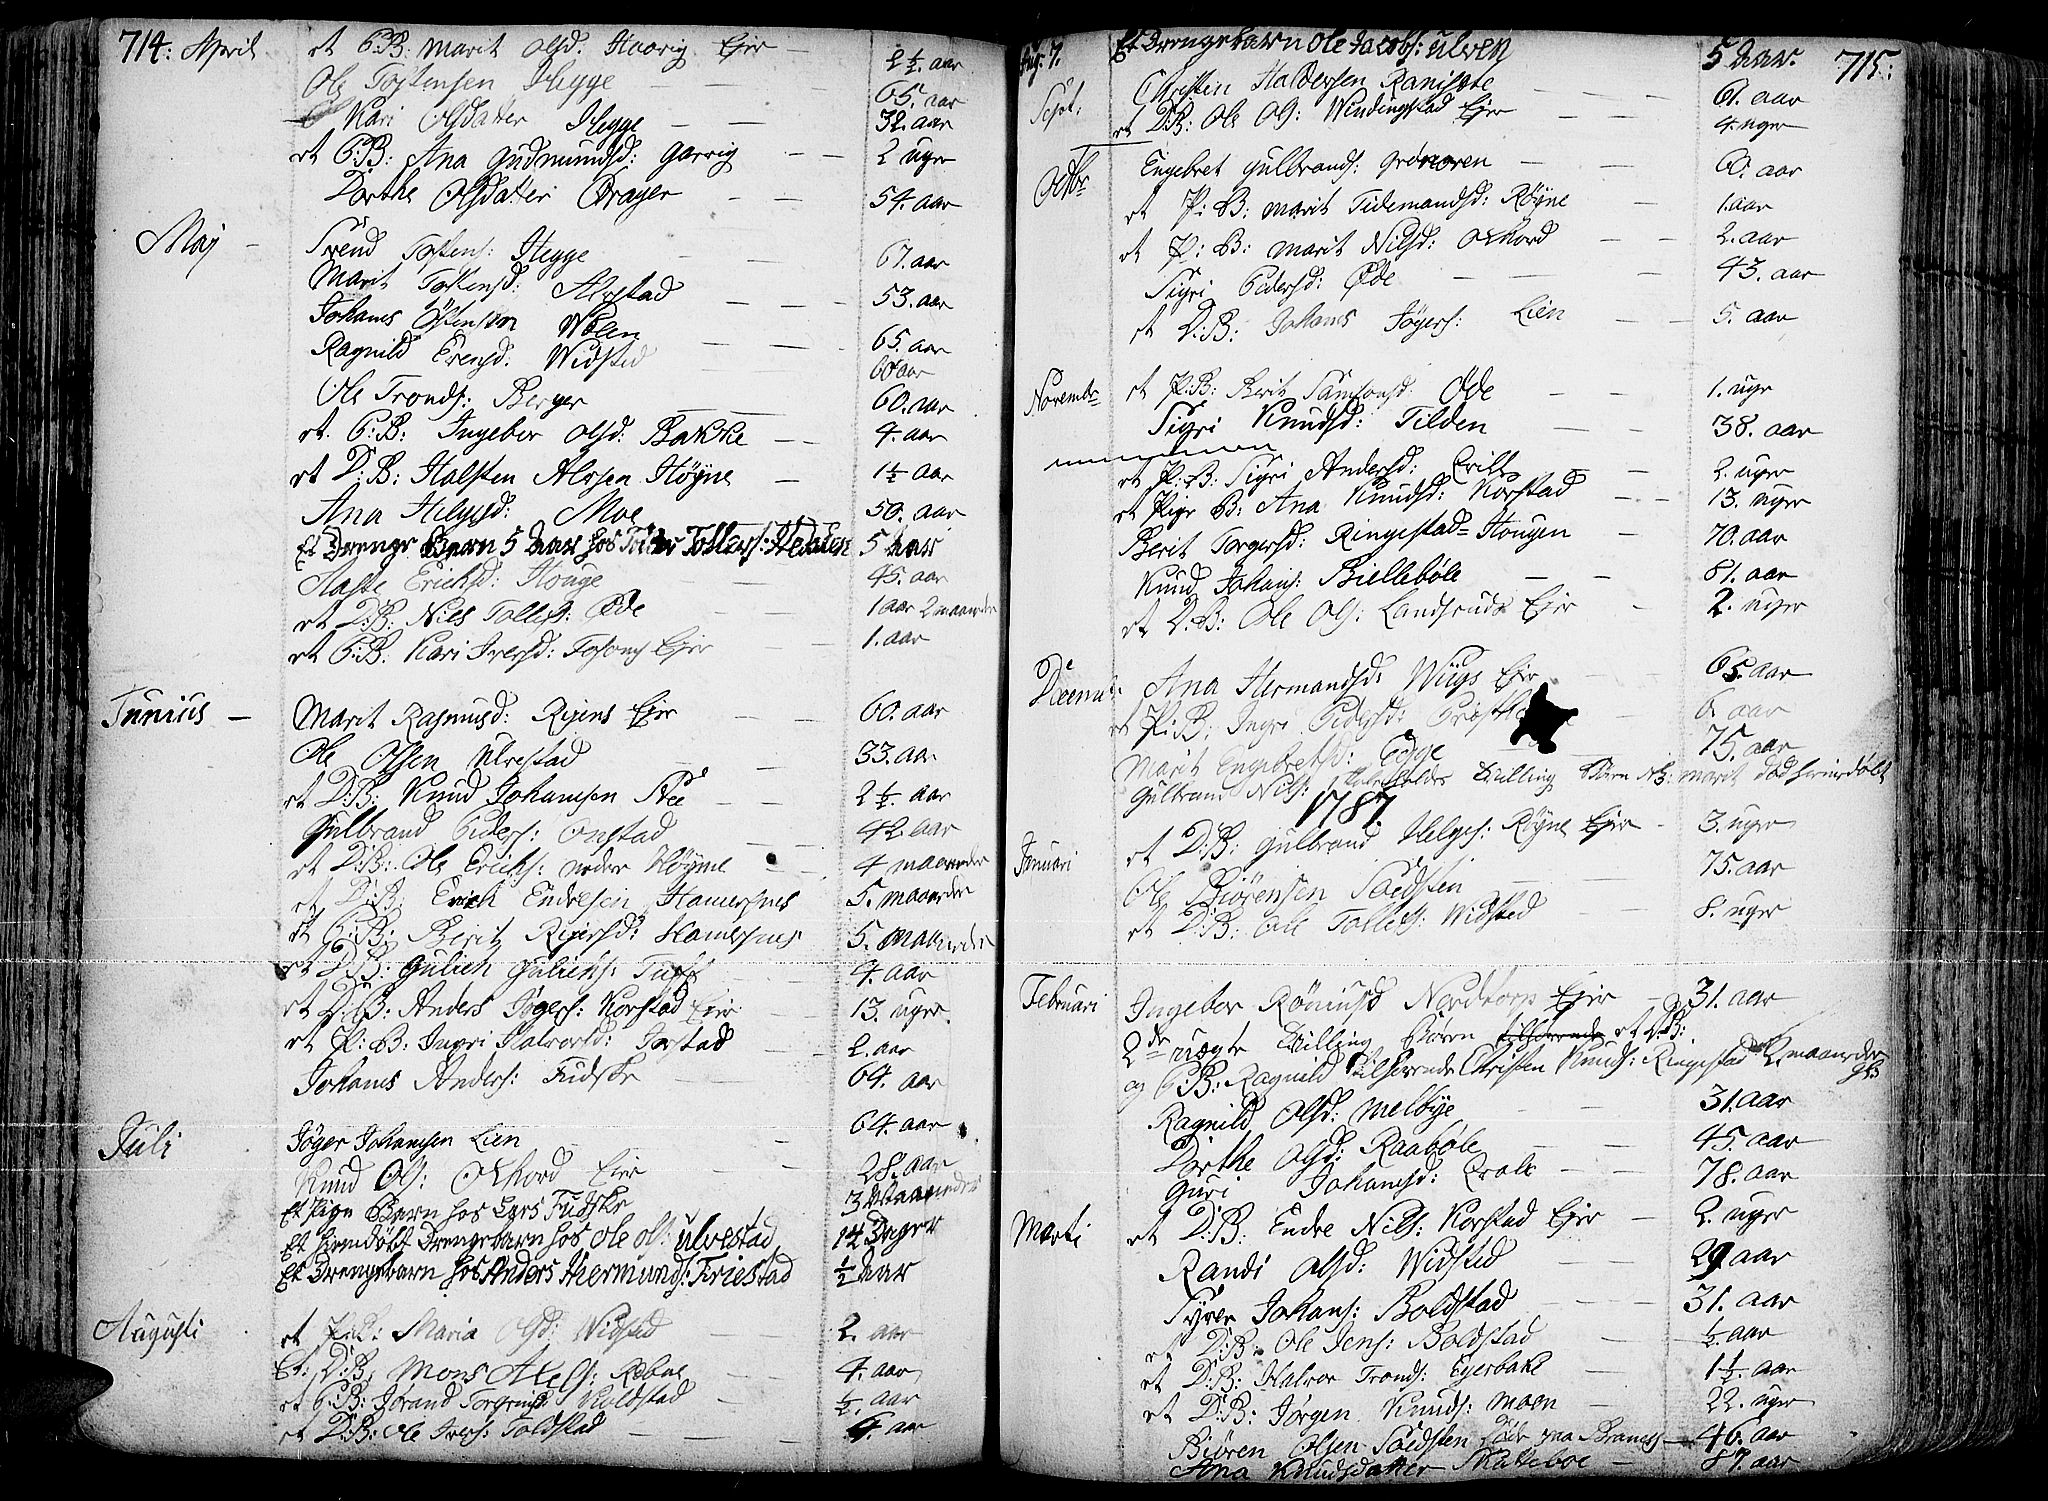 SAH, Slidre prestekontor, Ministerialbok nr. 1, 1724-1814, s. 714-715